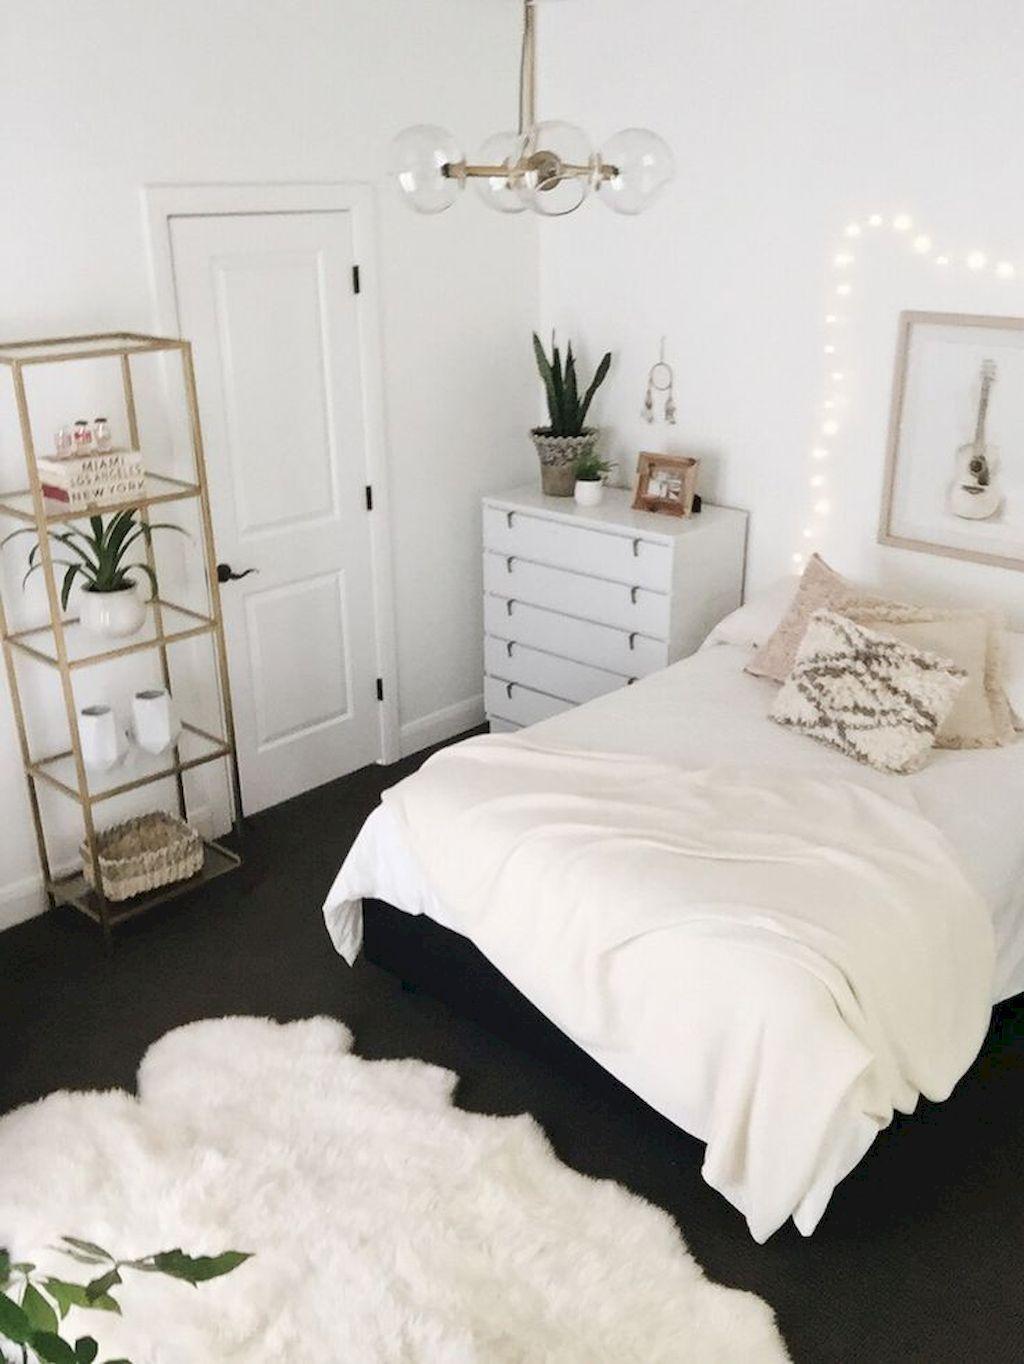 65 Marvelous Minimalist Master Bedroom Design Decor Ideas